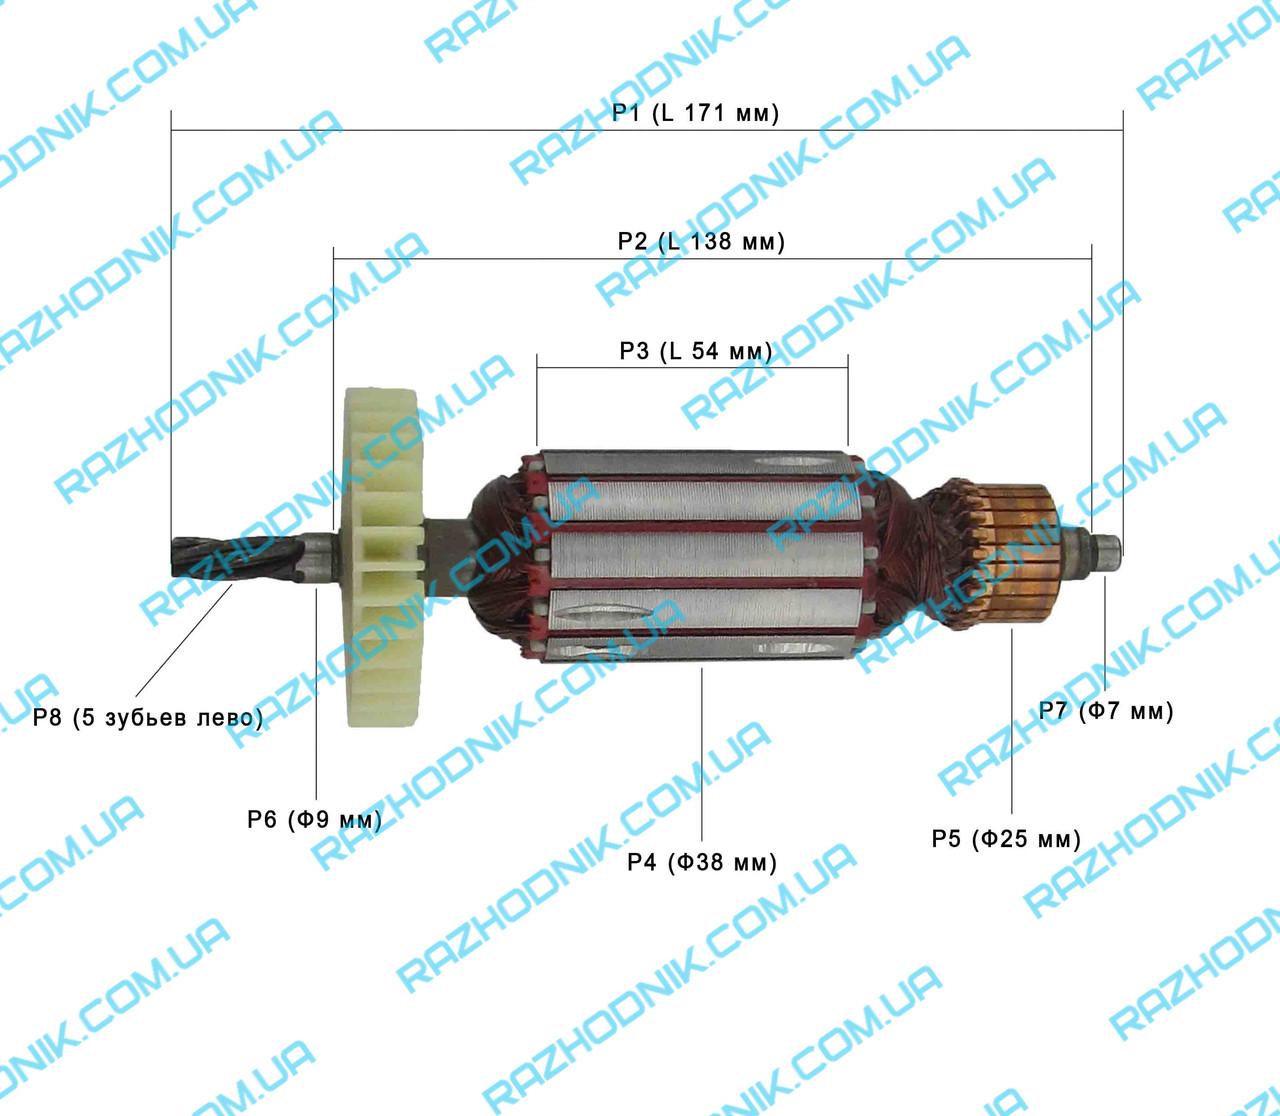 Якорь на дрель ТЕМП ДЭУ-1200 (171x38x5z-лево)